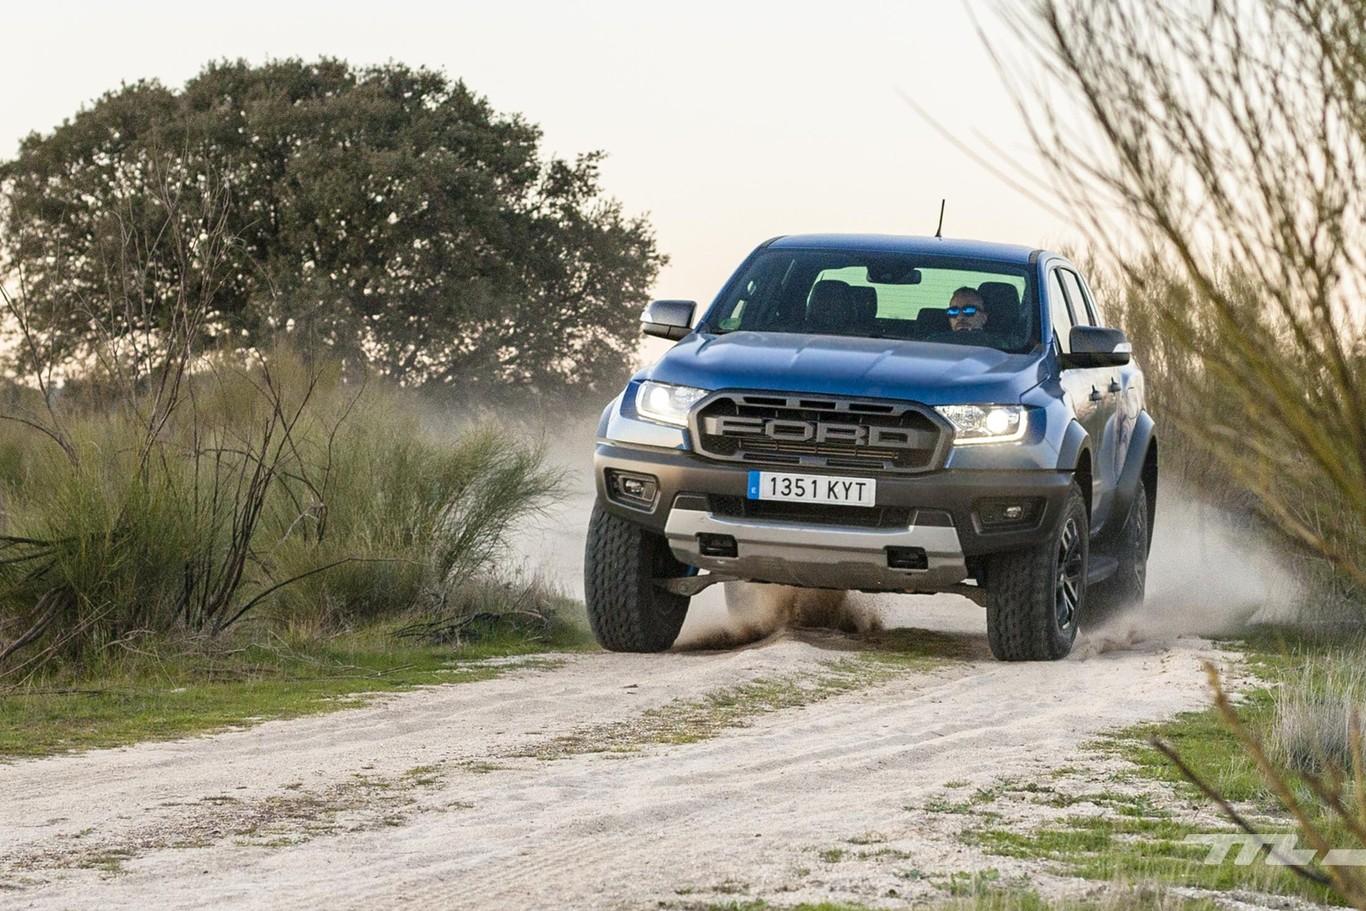 Ford Ranger Raptor 2020 Prueba Intimidante En Carretera Y Divertida En El Campo